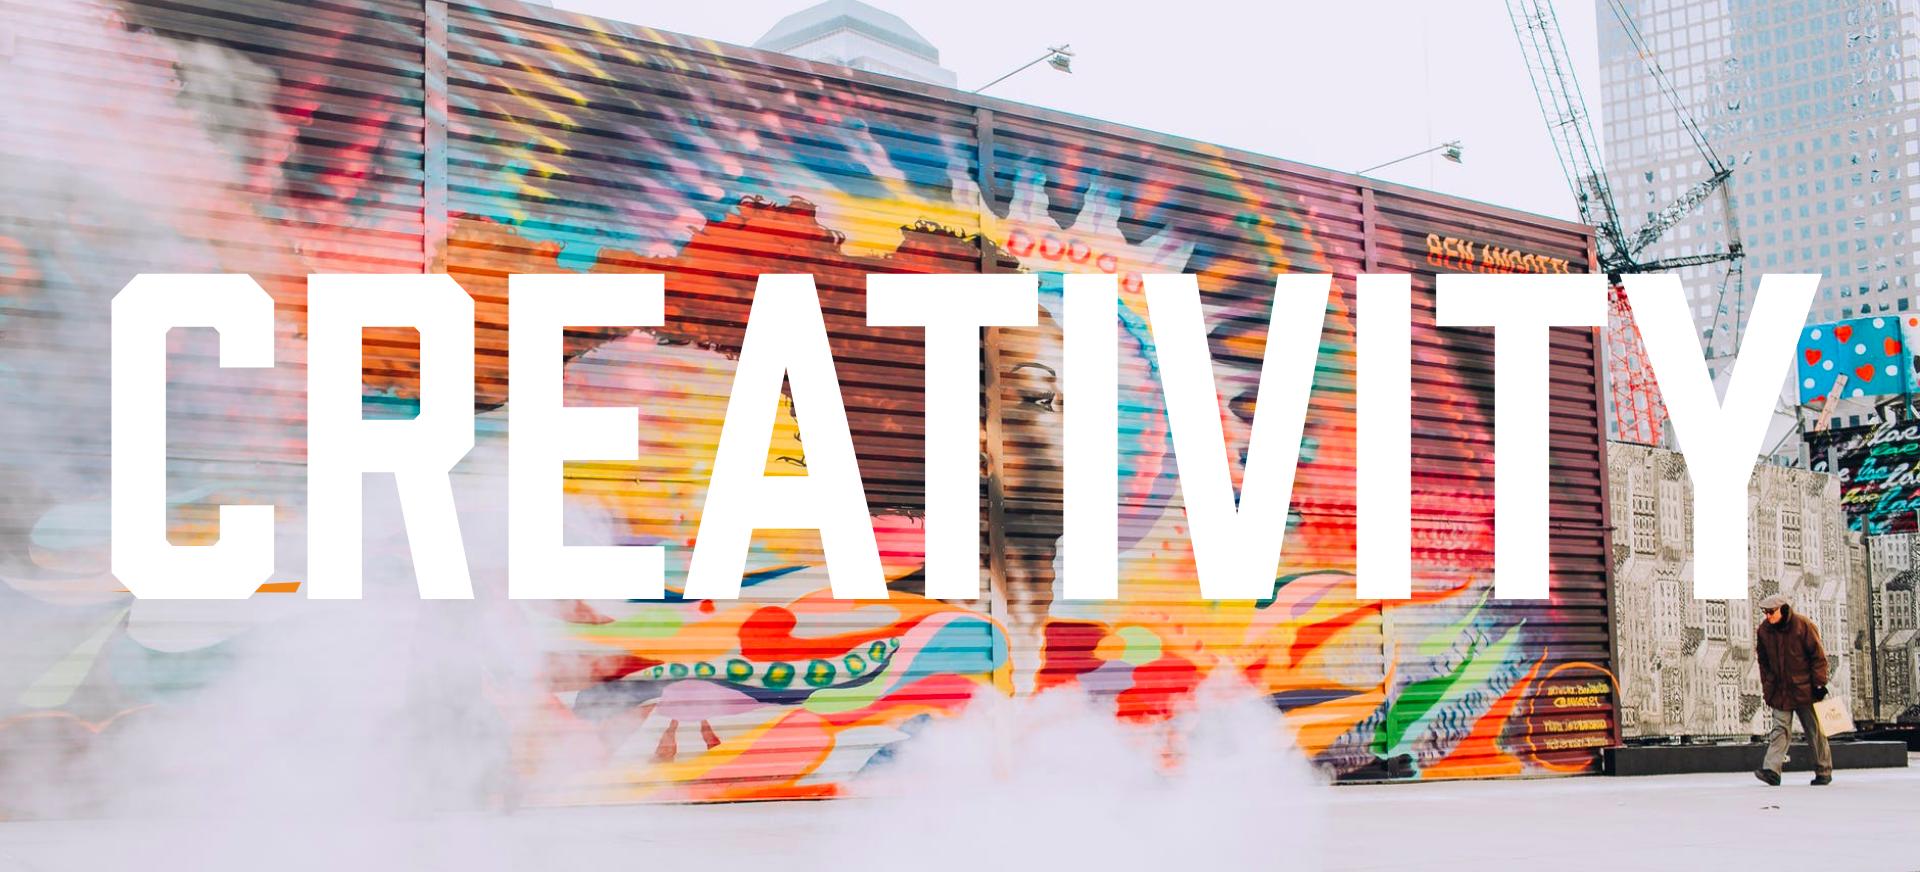 creativity typography